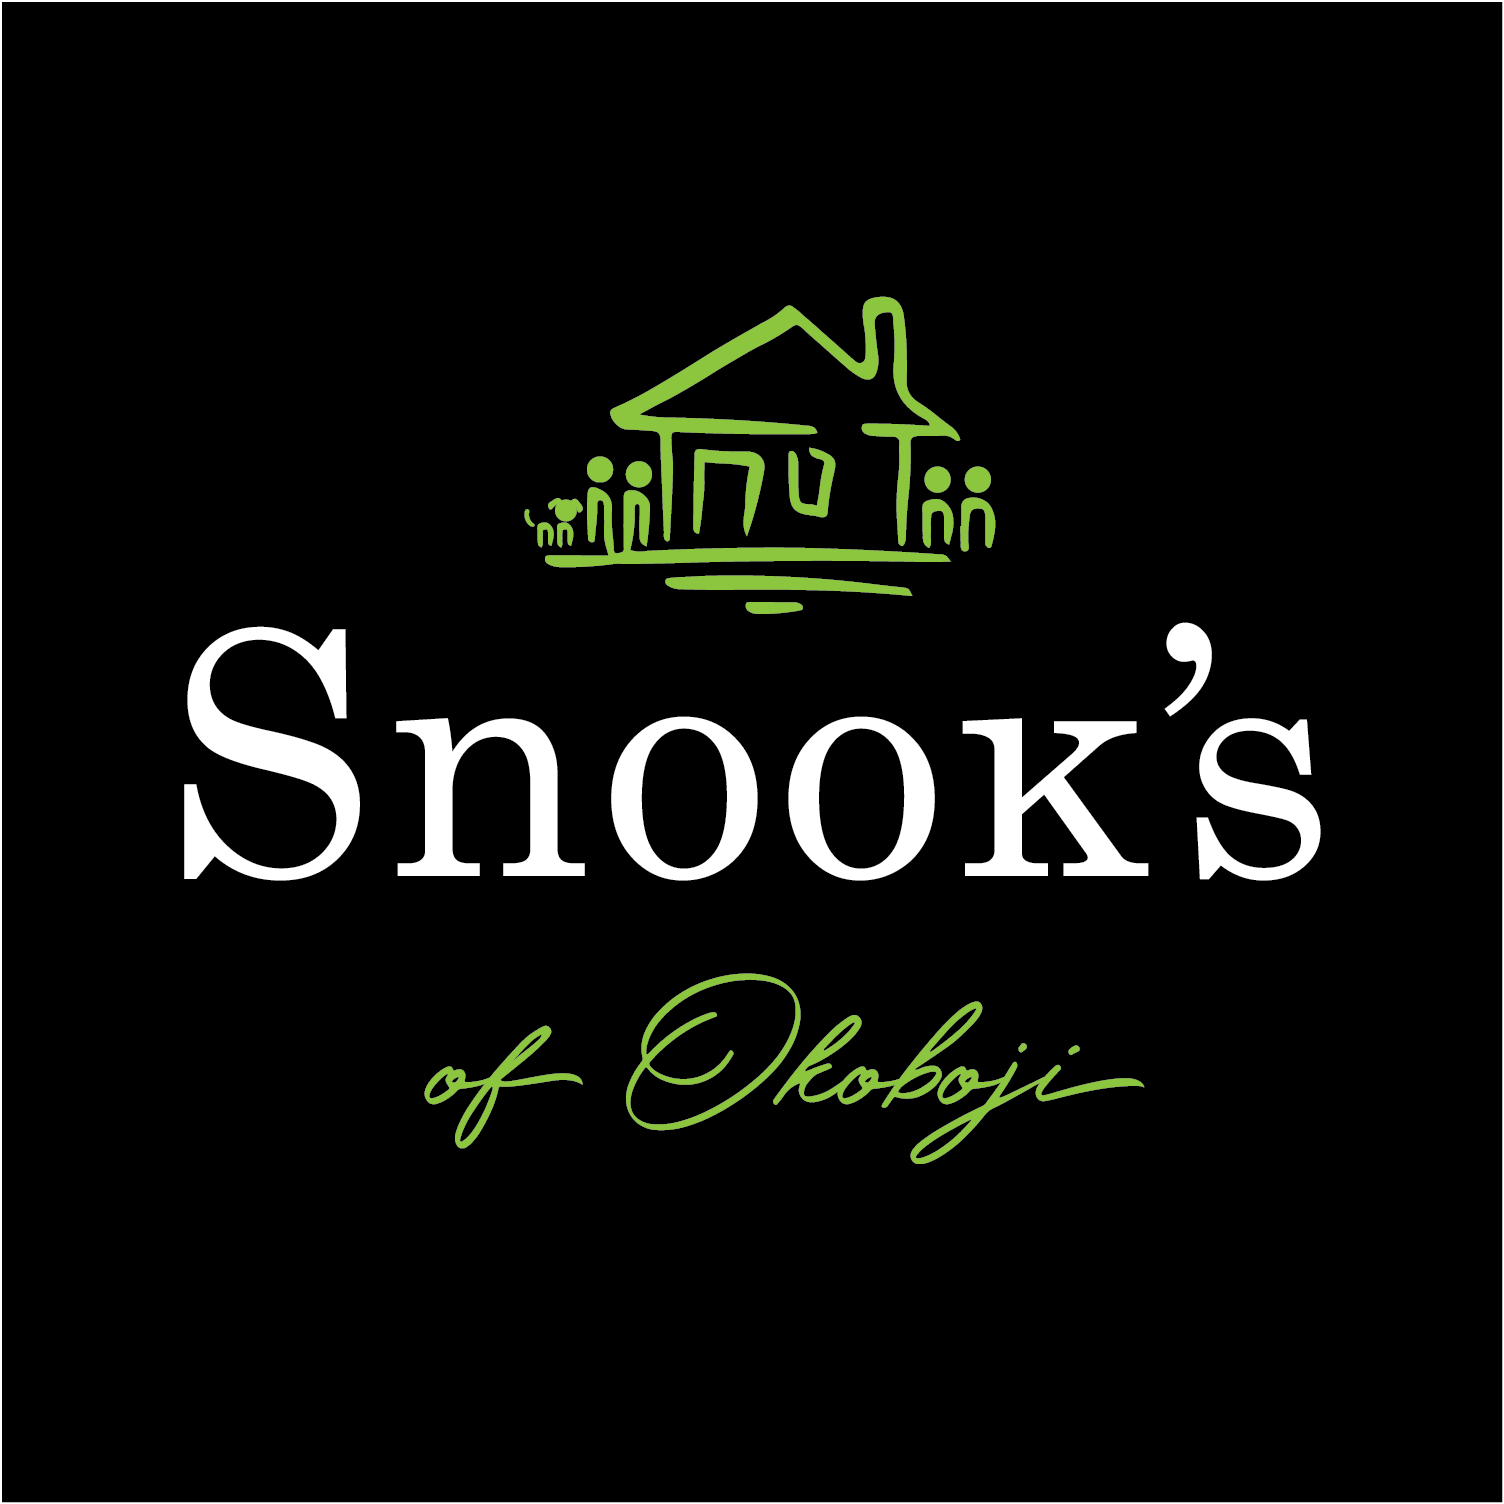 Snooks of Okoboji